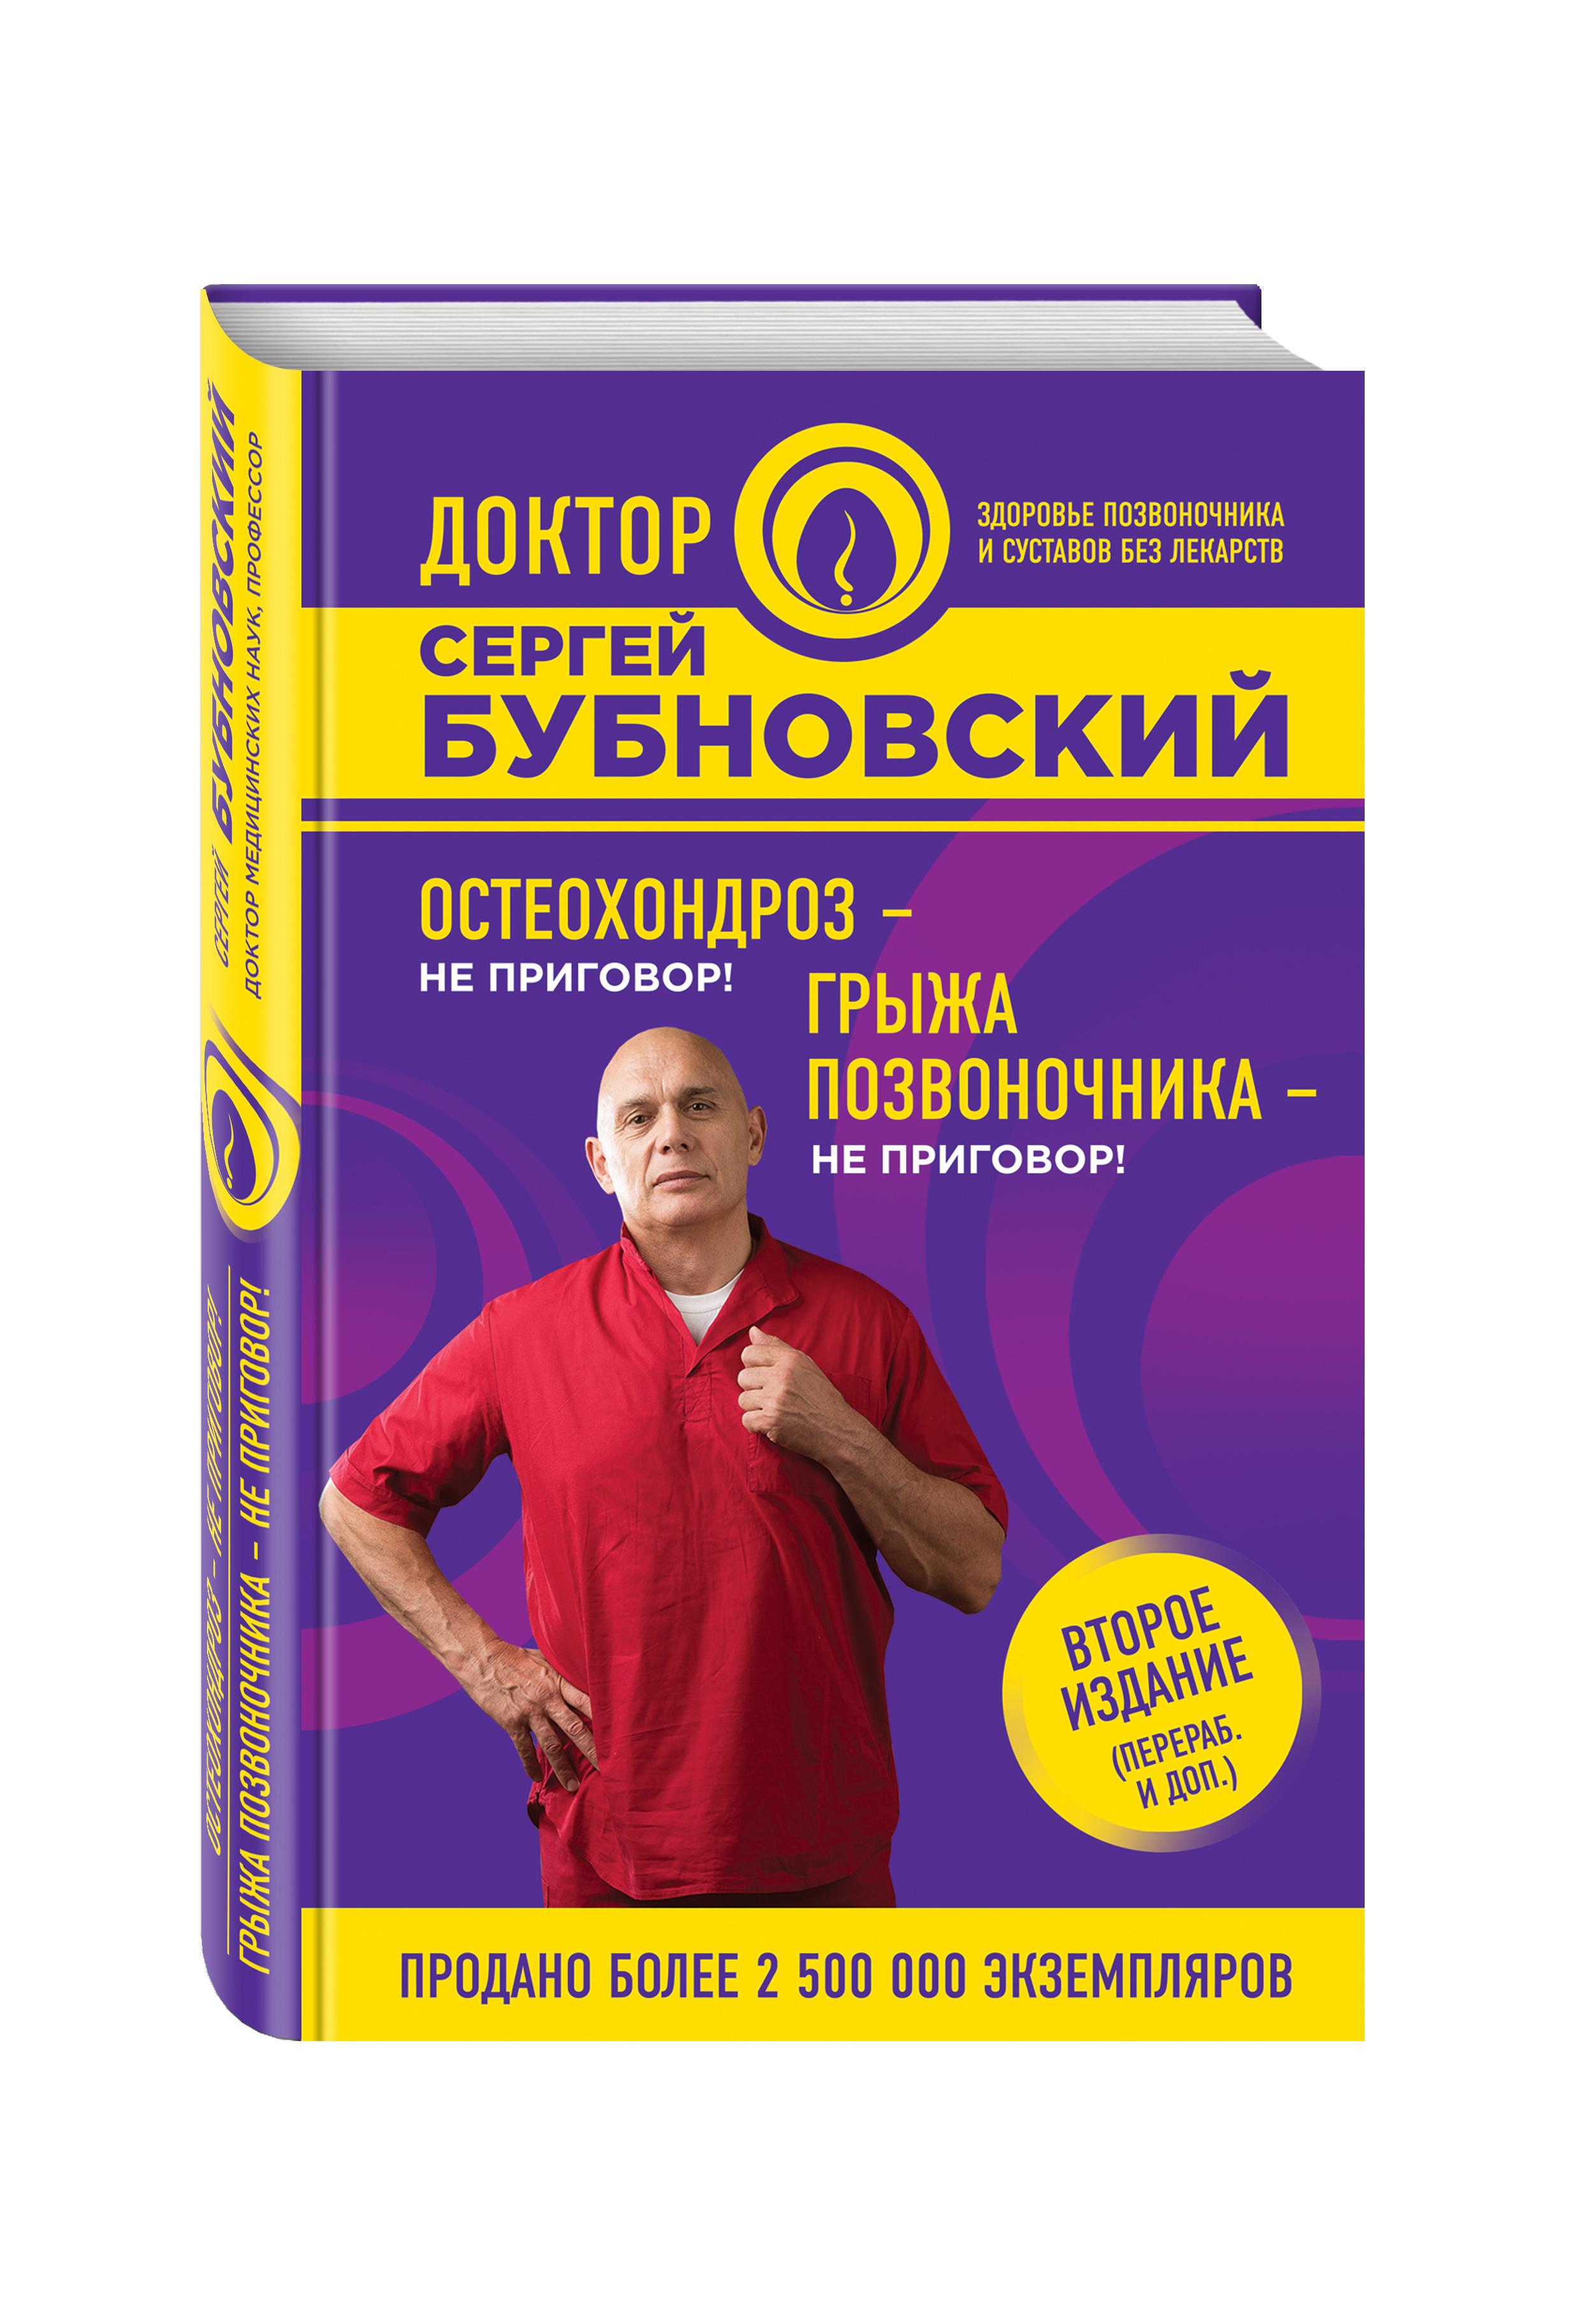 Бубновский С.М. Остеохондроз - не приговор!; Грыжа позвоночника - не приговор! 2-е издание корейка без позвоночника